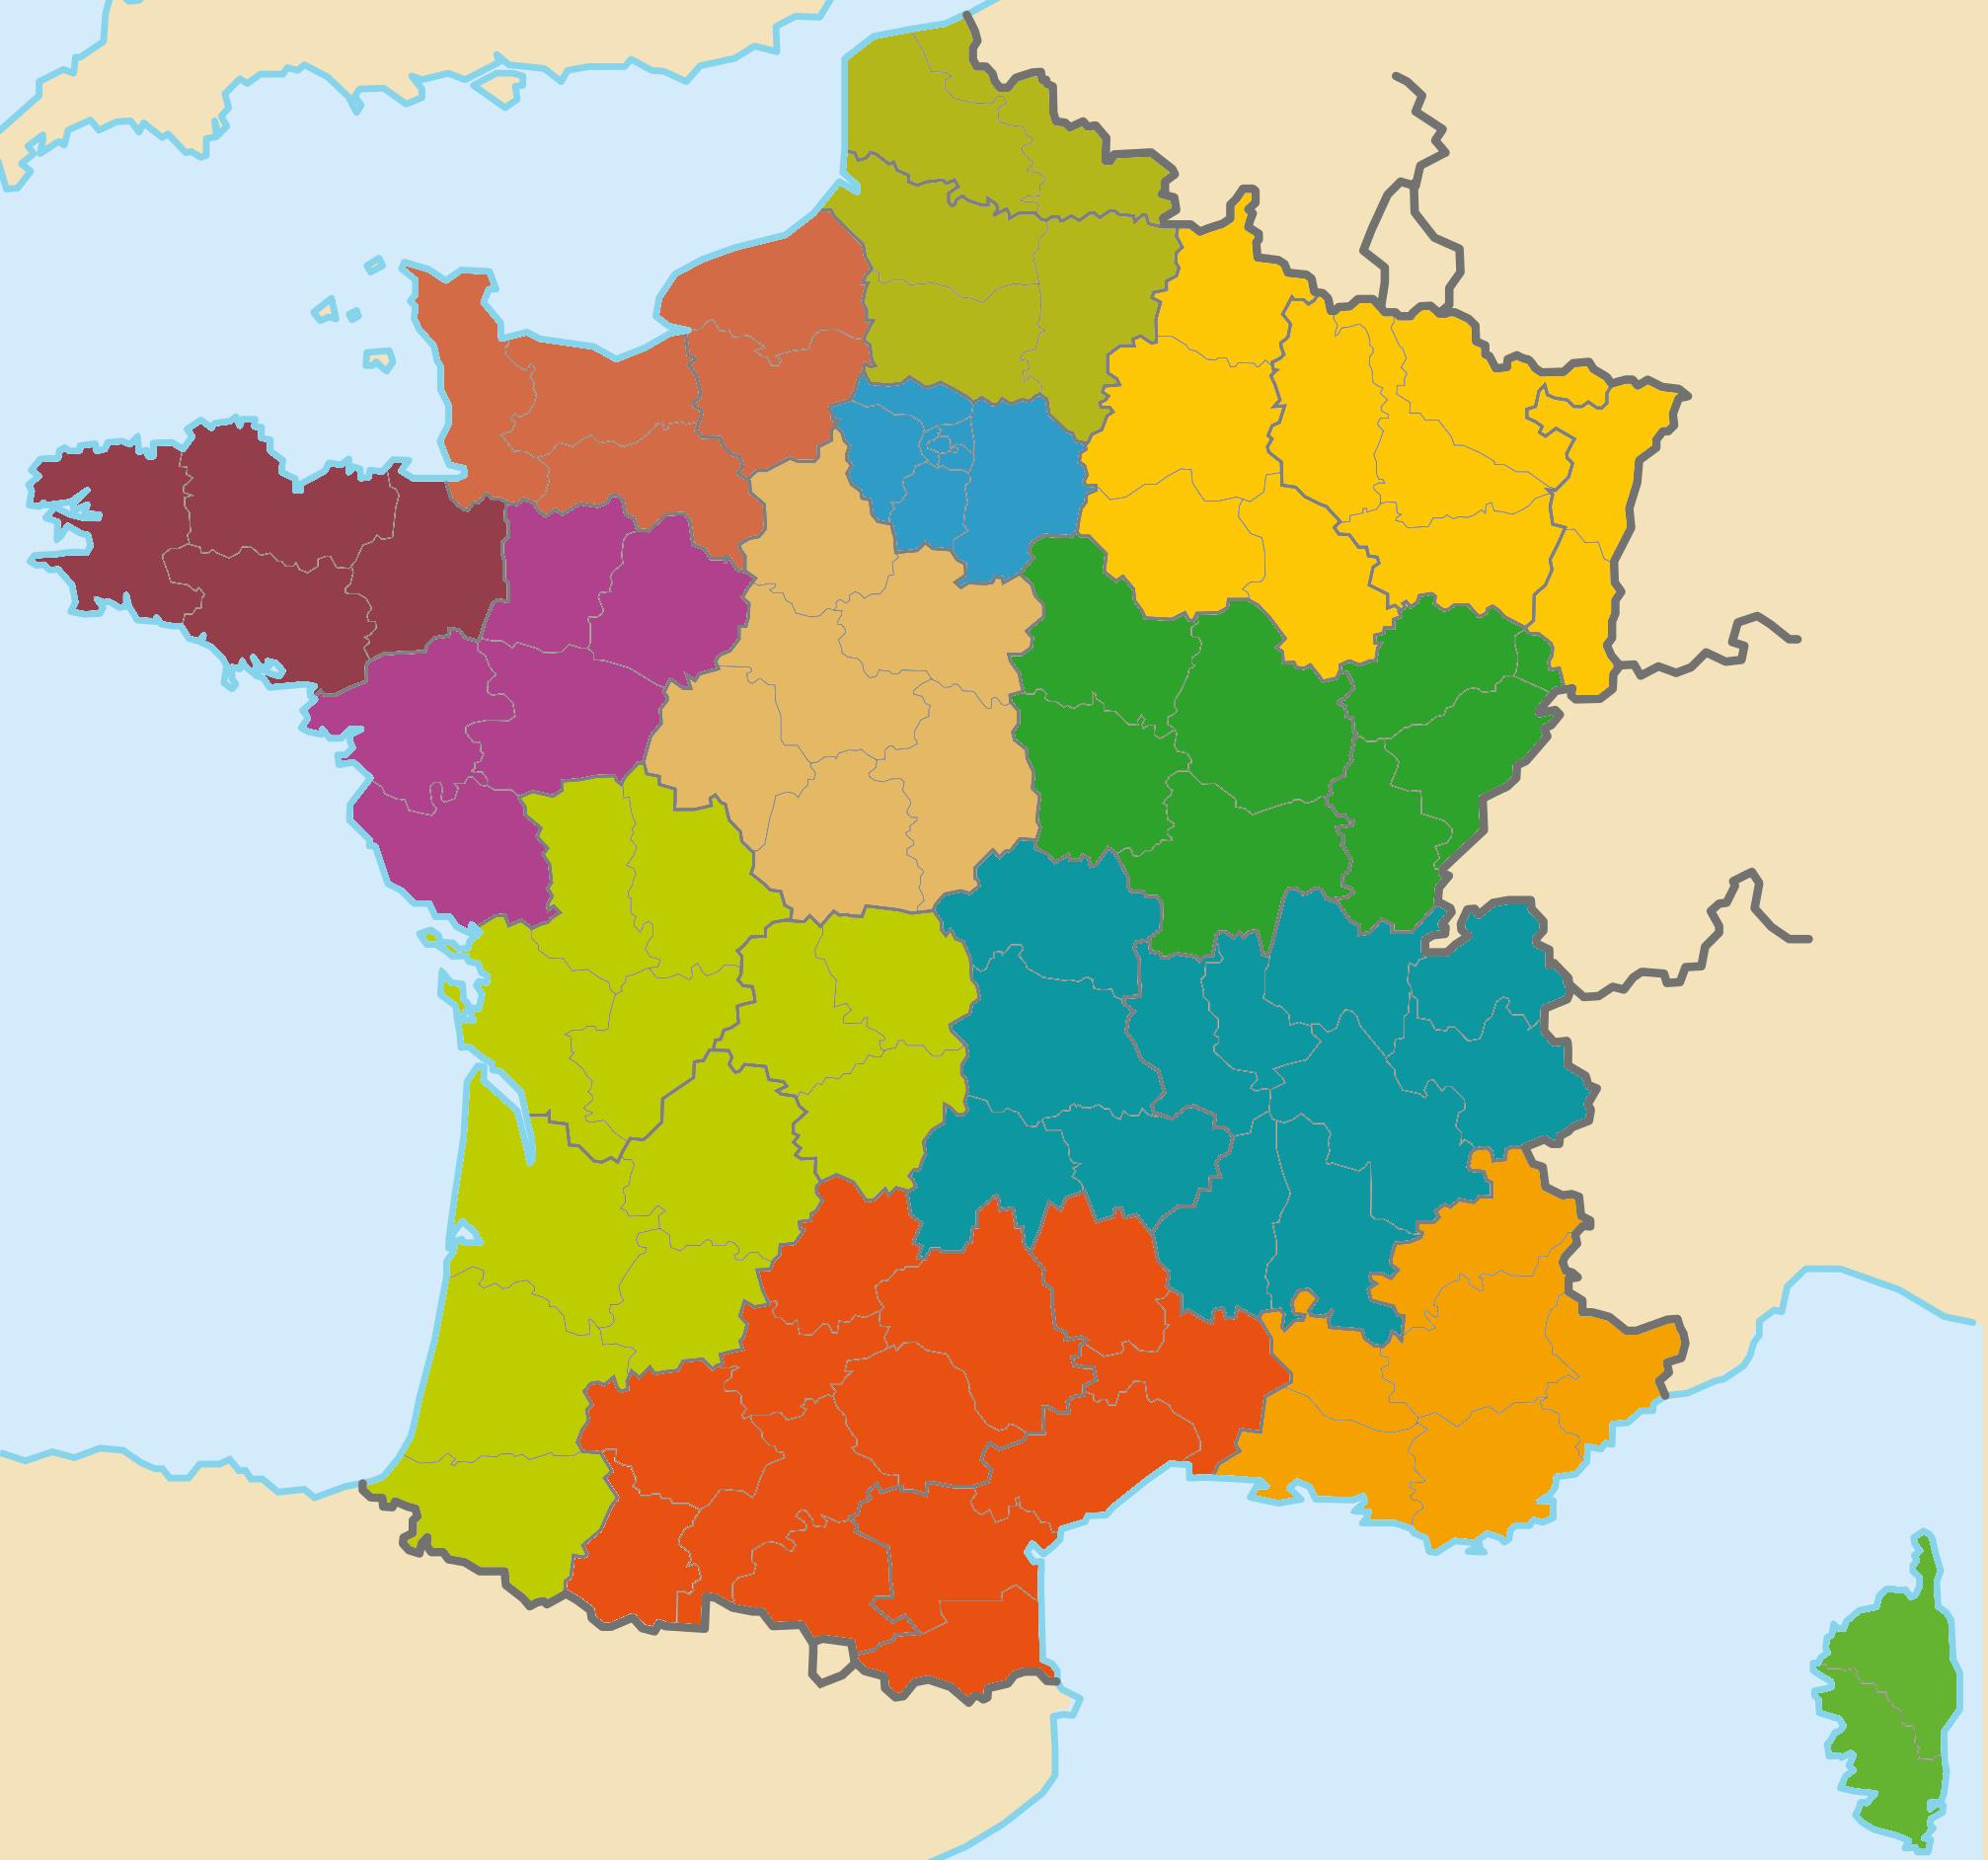 File:les Nouvelles Régions De La France Métropolitaine avec Les 22 Régions De France Métropolitaine